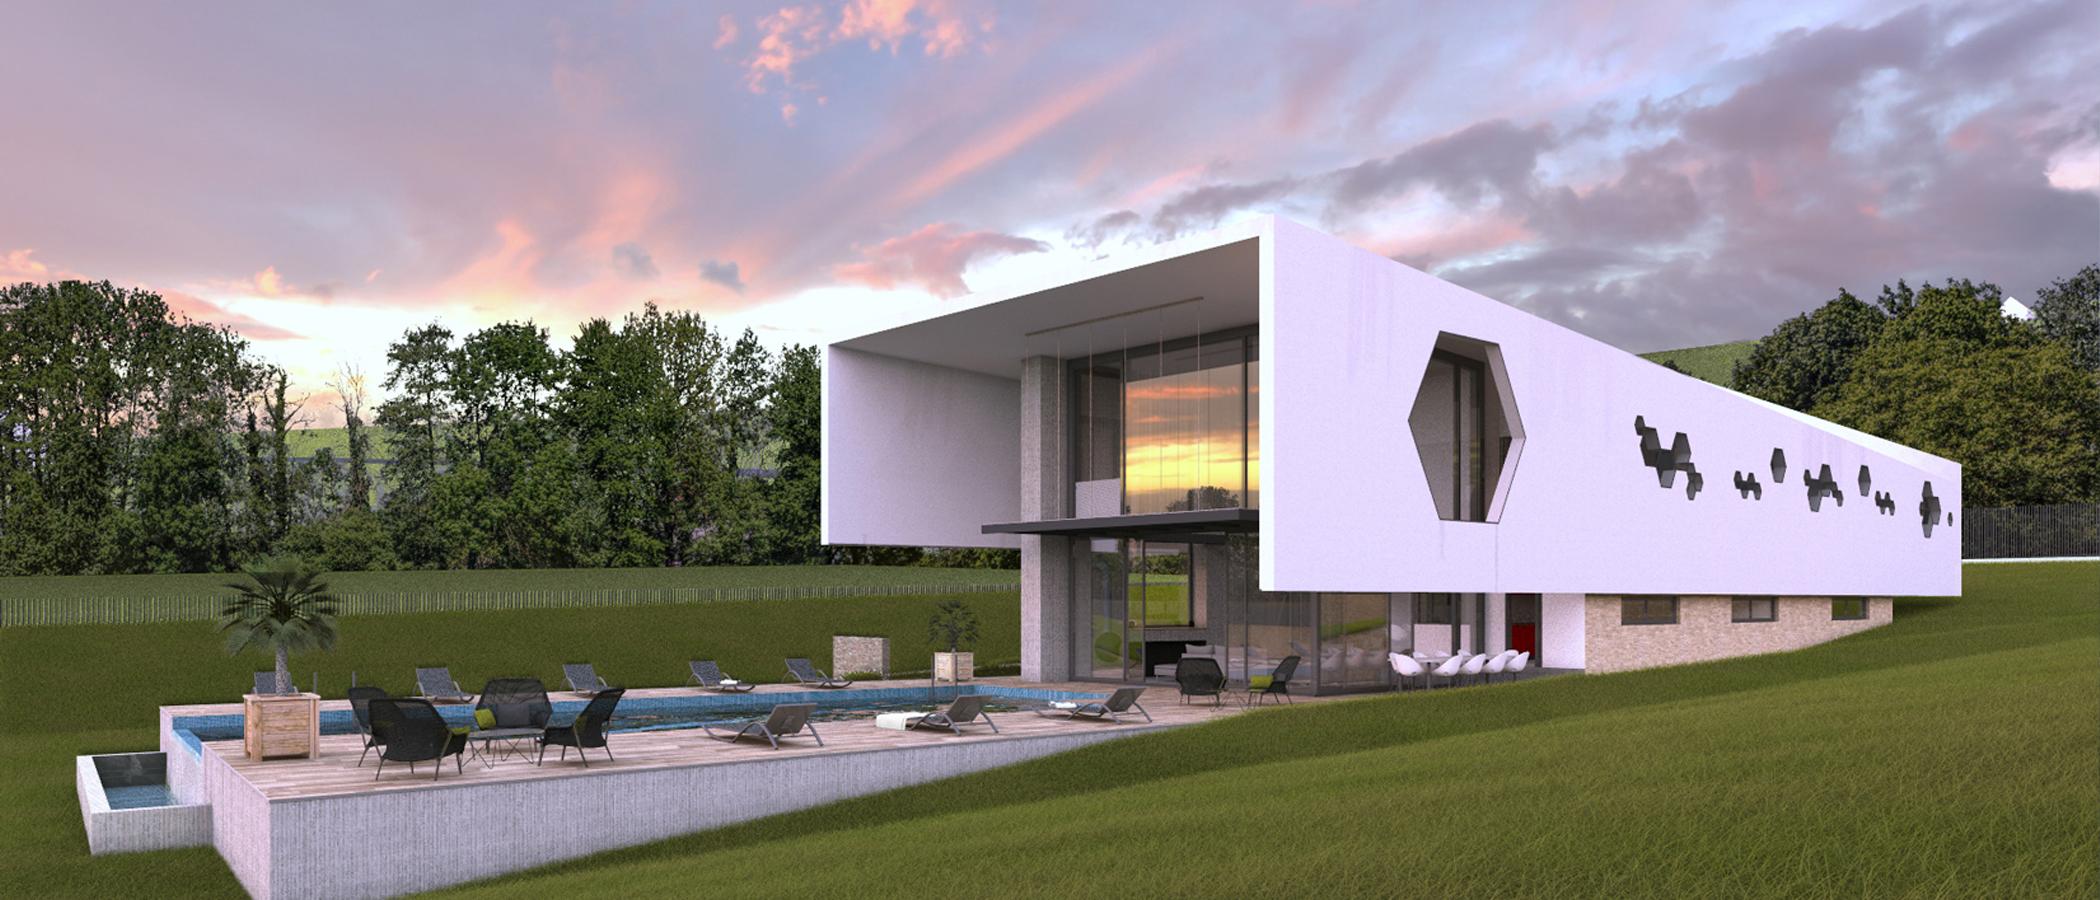 Wizualizacje architektoniczne i animacje | Artlantis